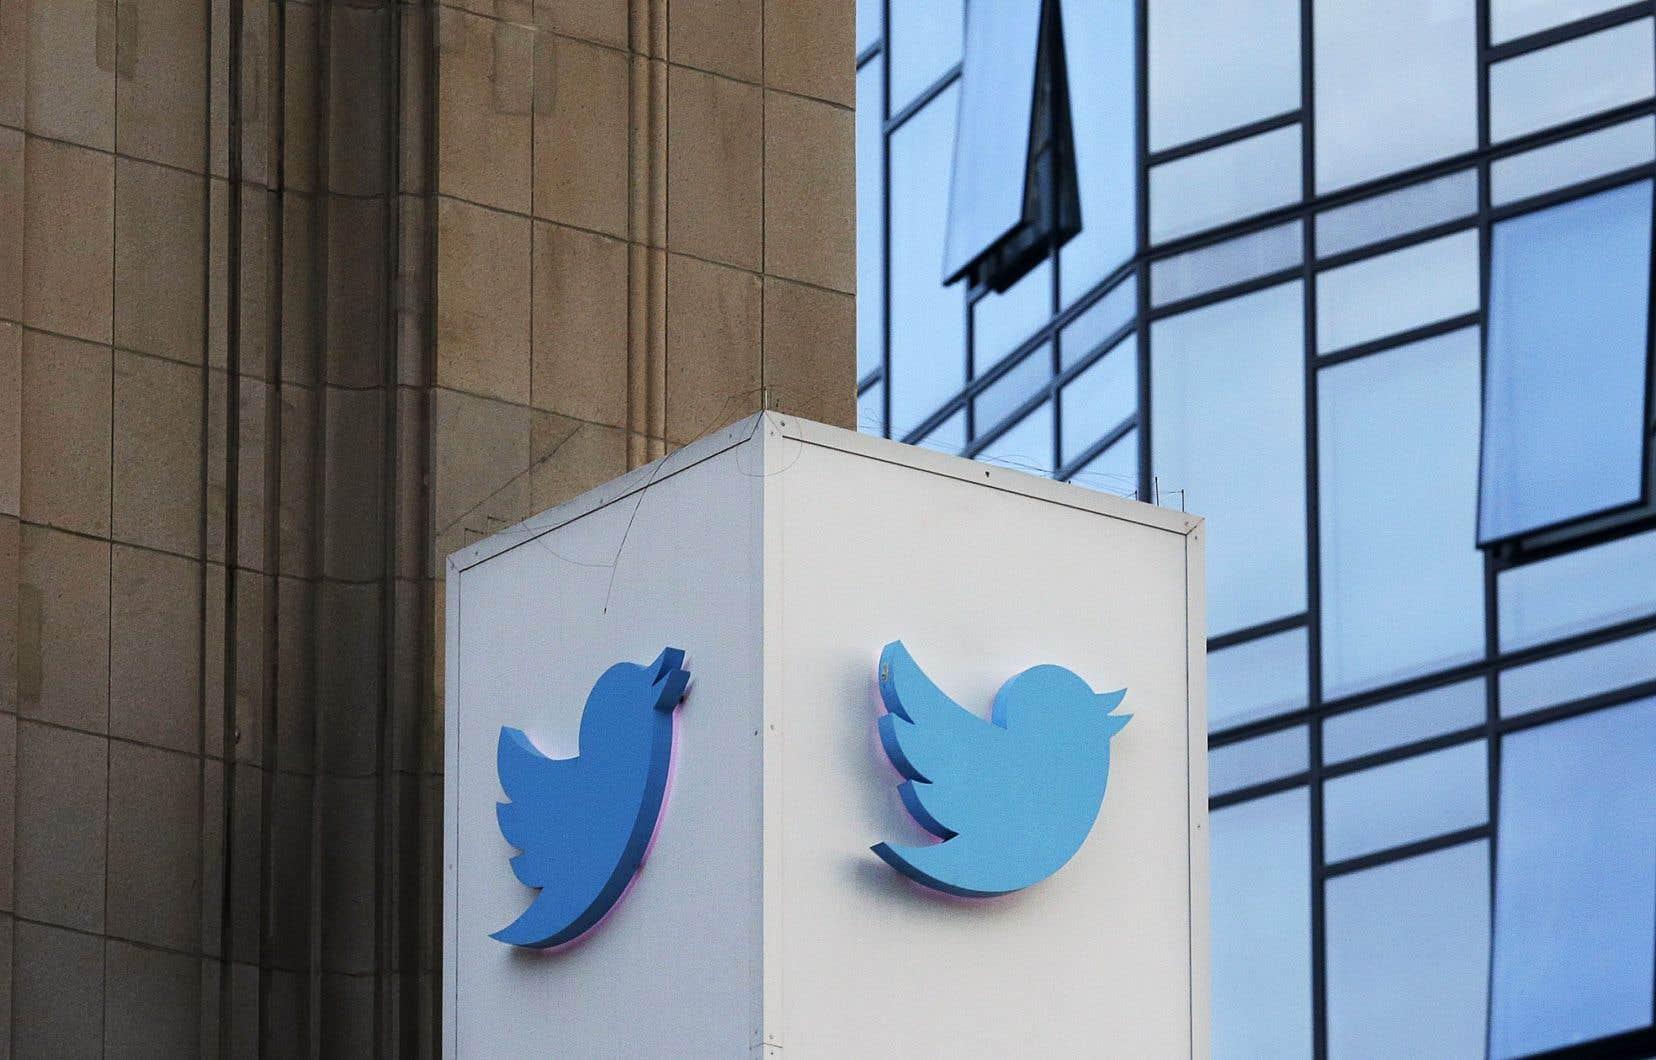 L'étude porte sur la période allant de 2006 à 2017 et sur quelque 126 000 informations, vraies et fausses, diffusées sur Twitter.